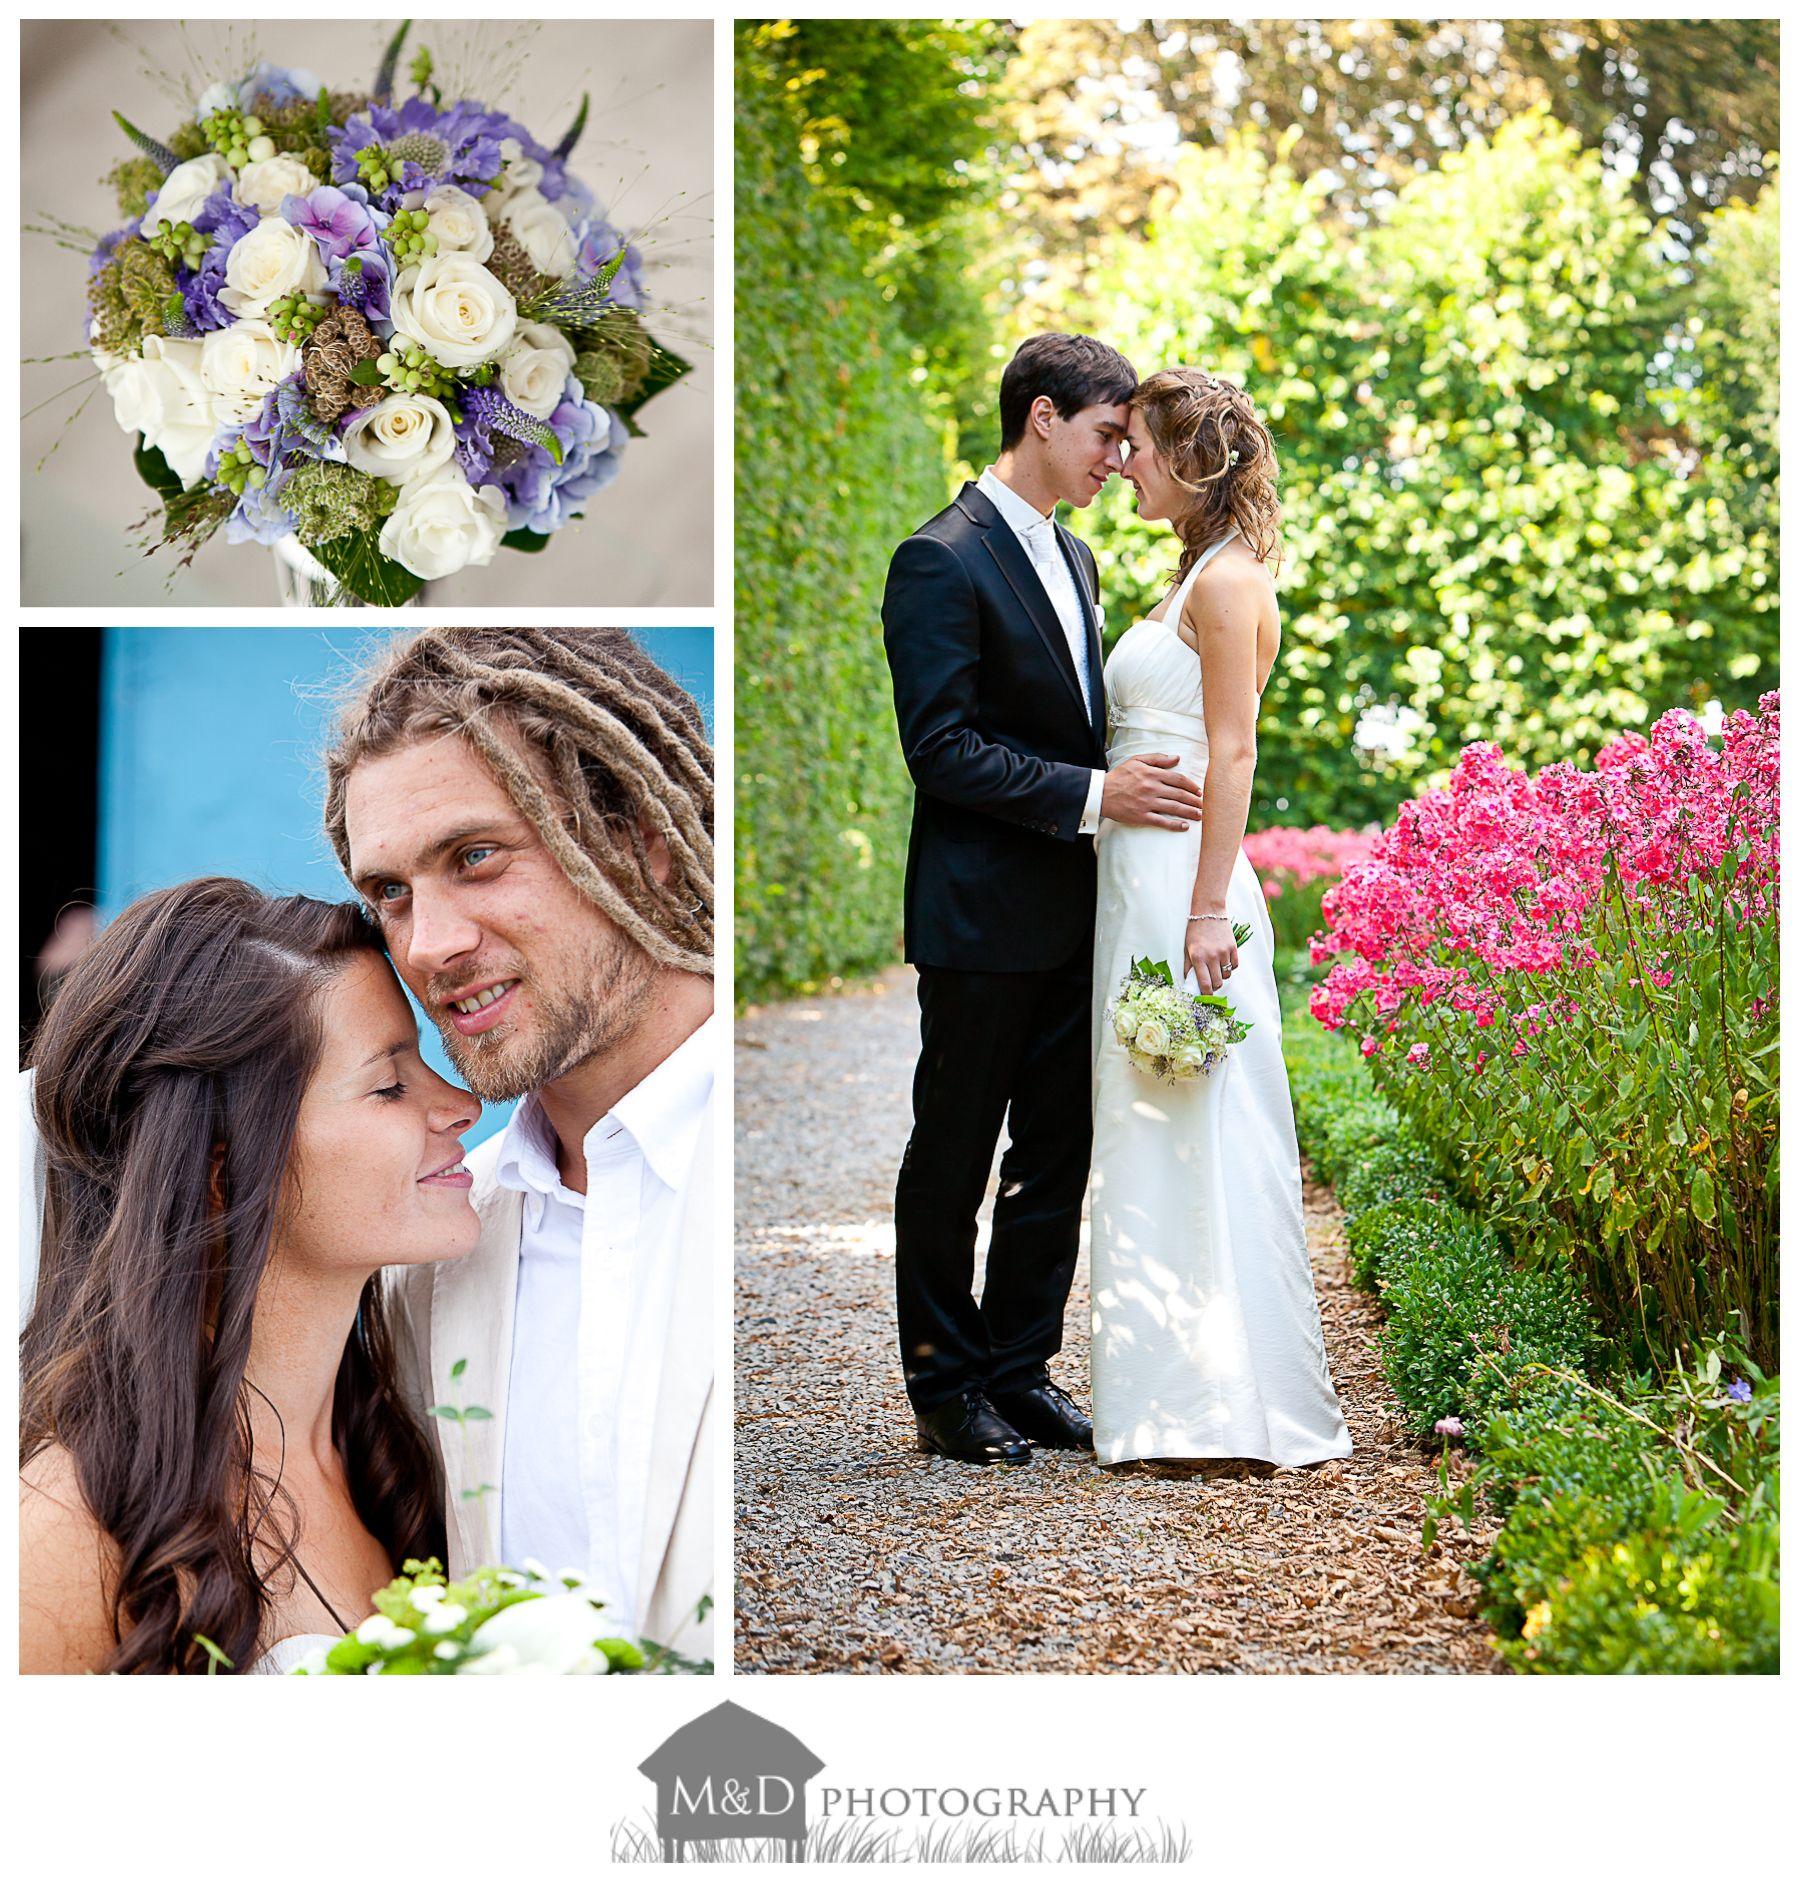 """""""Wij leggen elke detail van jullie bruiloft vast."""" Dit is echt een goede fotograaf!"""